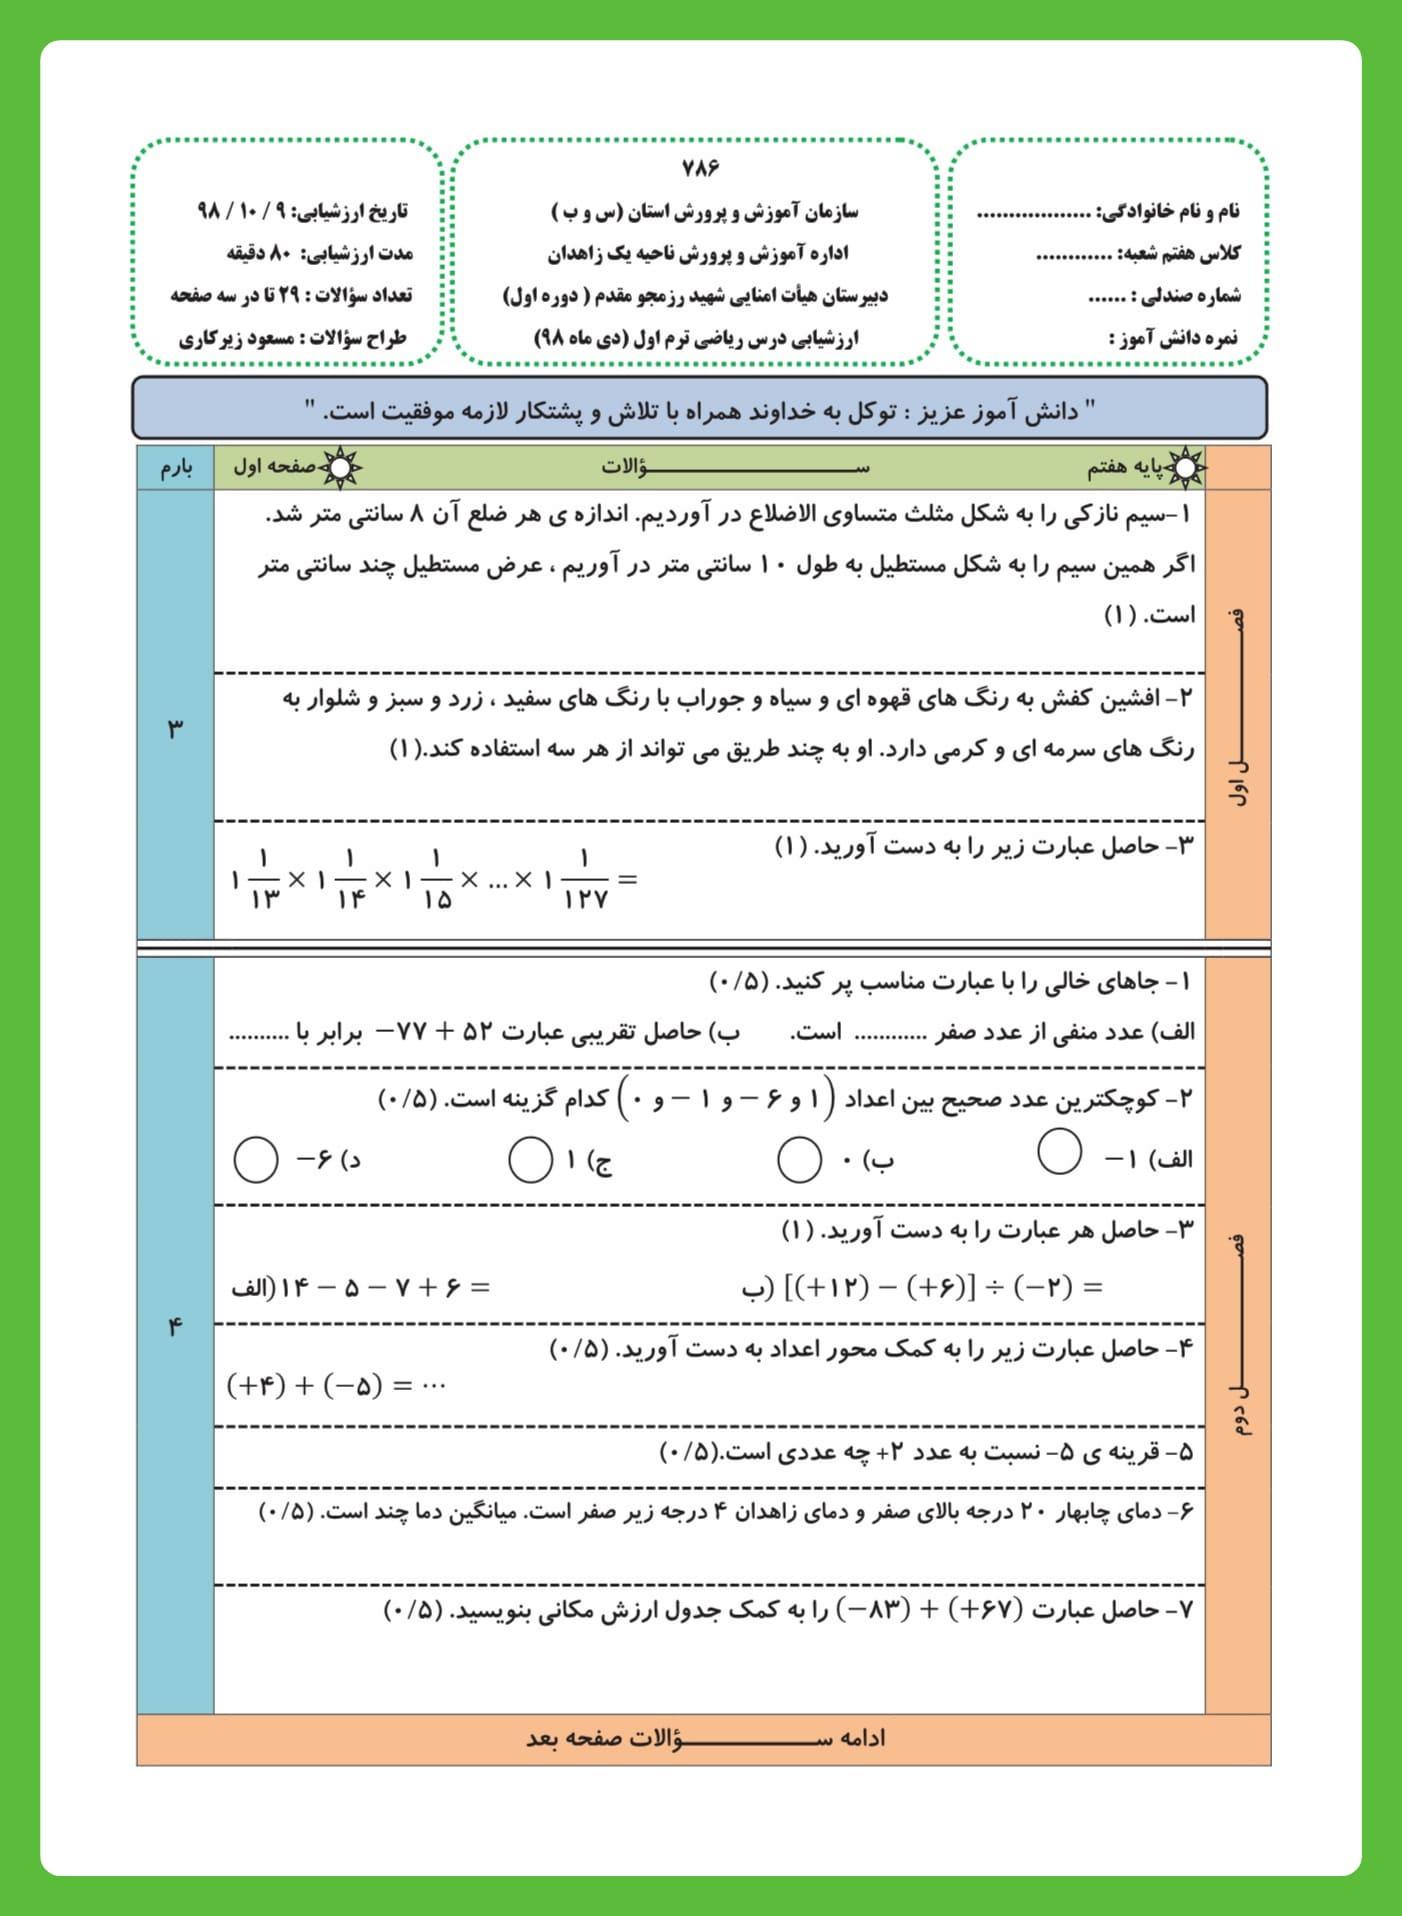 نمونه سوال ریاضی هفتم نمونه دوم